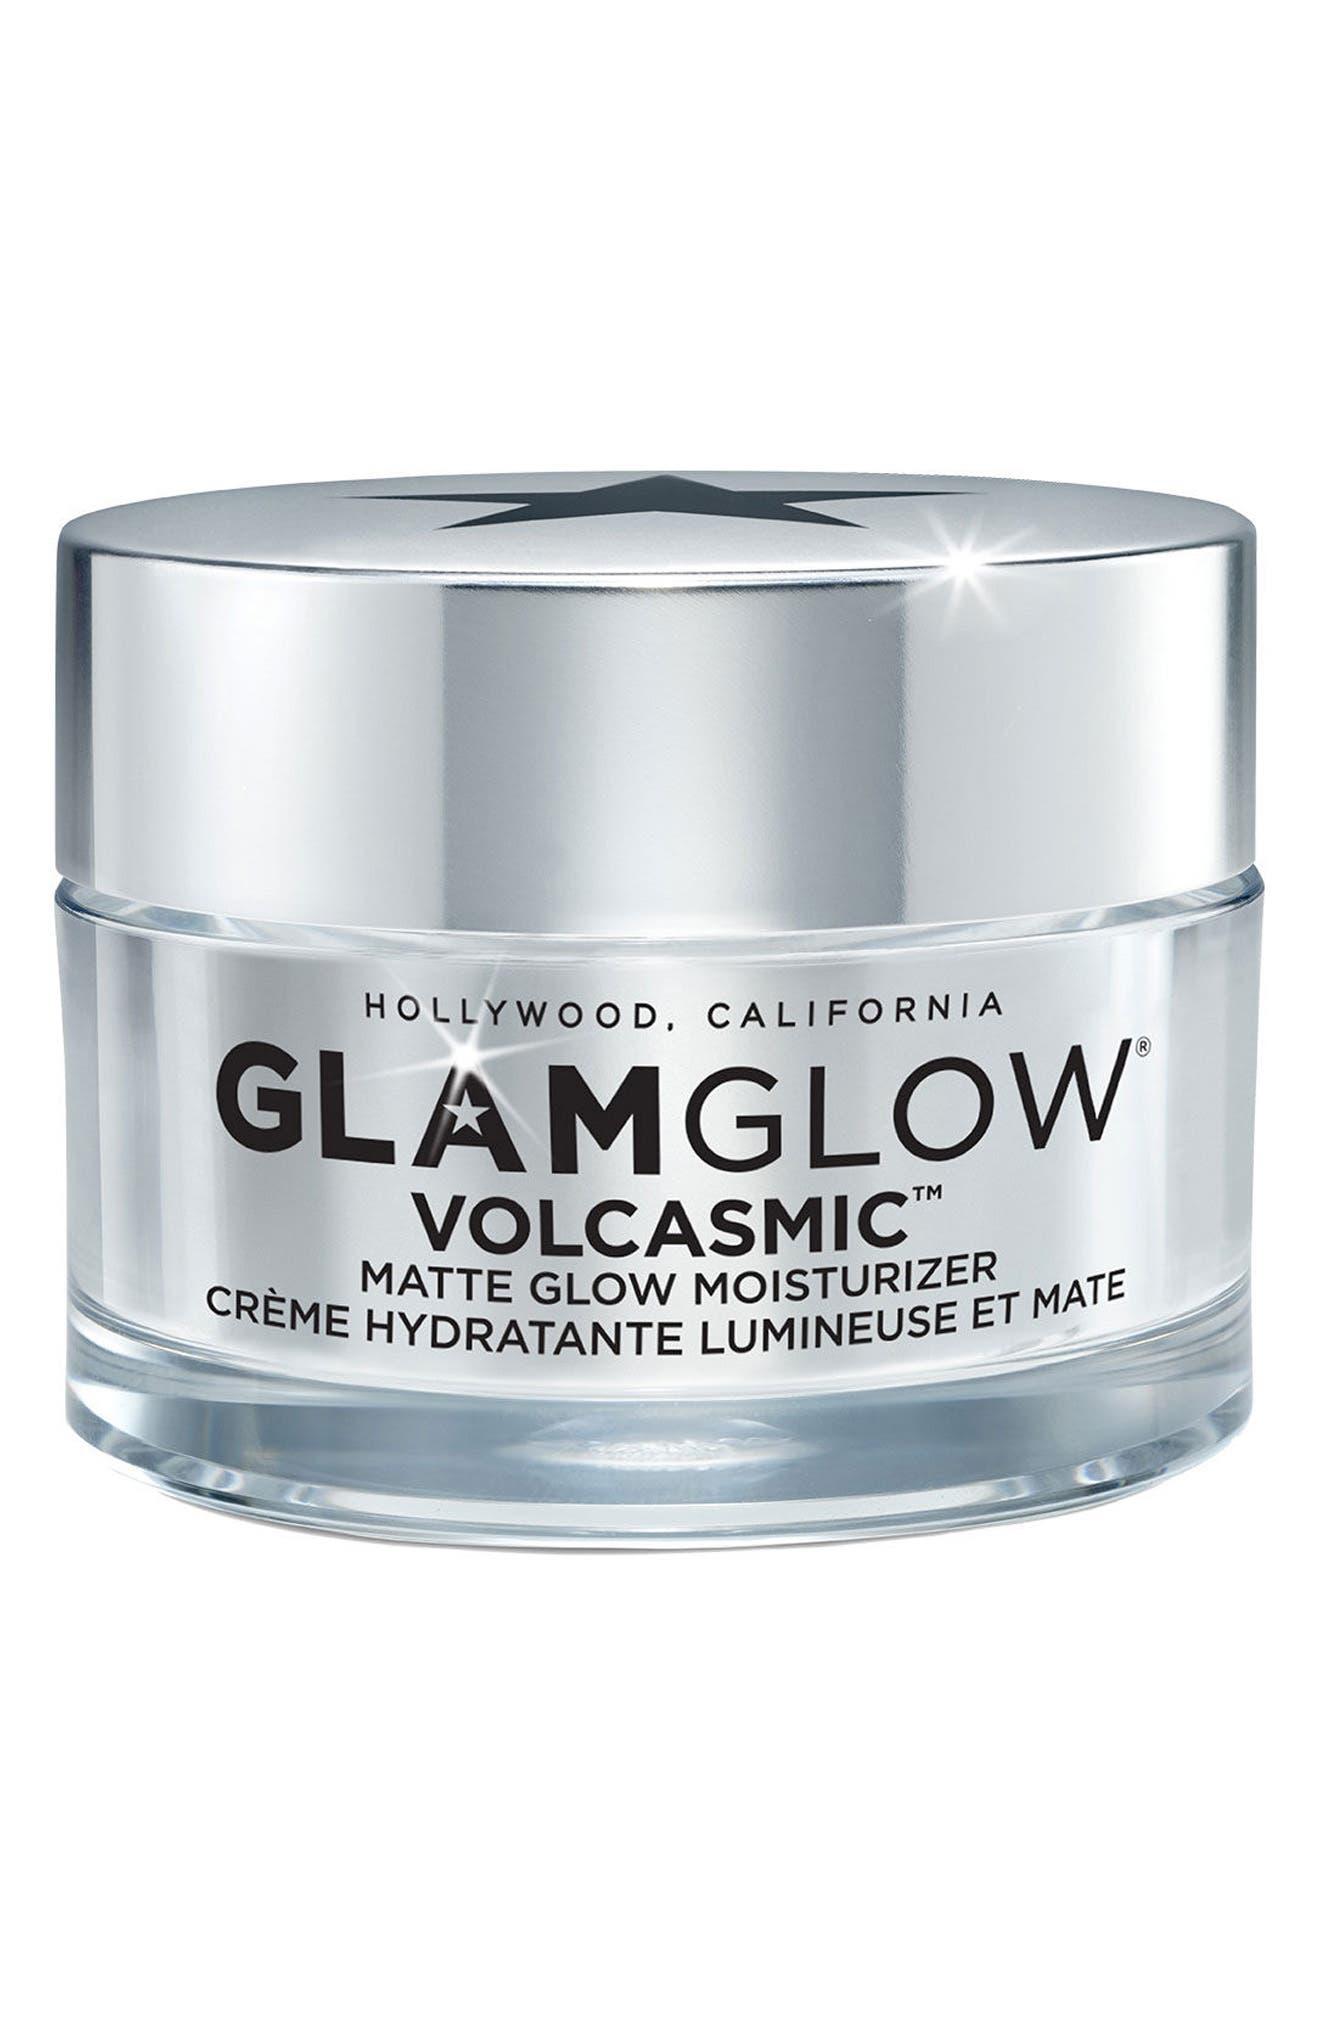 GLAMGLOW® VOLCASMIC™ Matte Glow Moisturizer